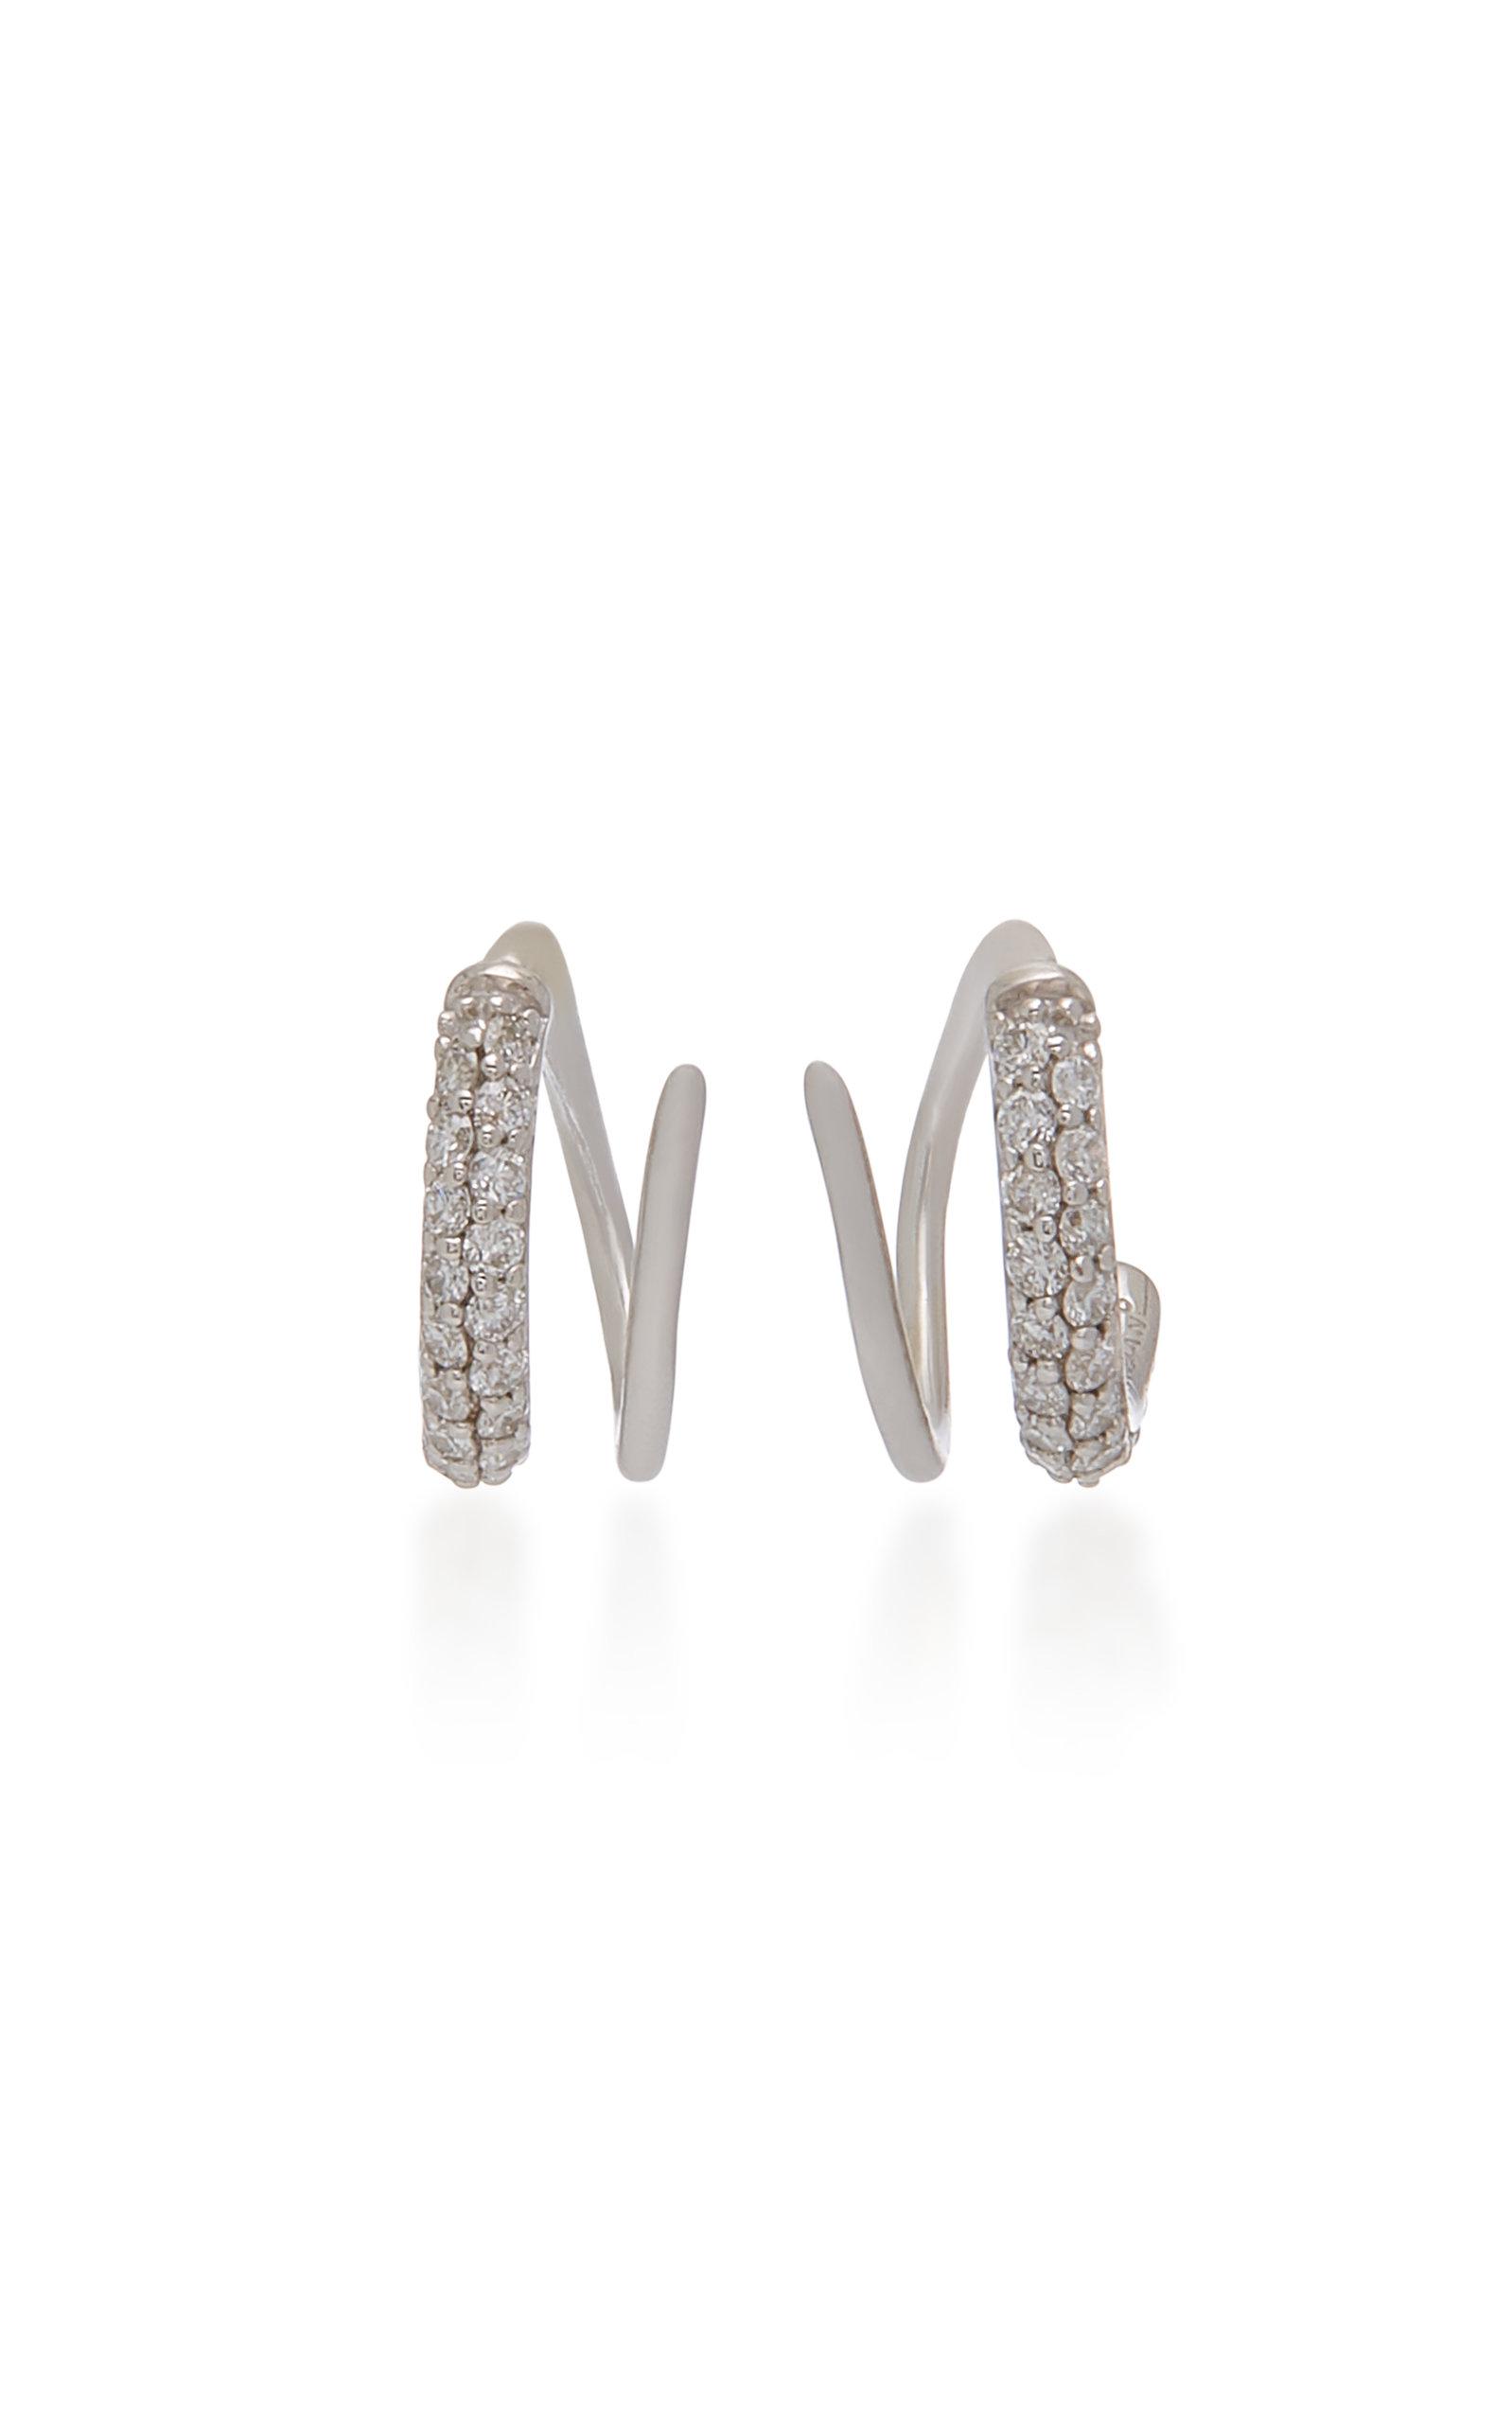 LYNN BAN JEWELRY Sterling Silver Pavé Diamond Earrings